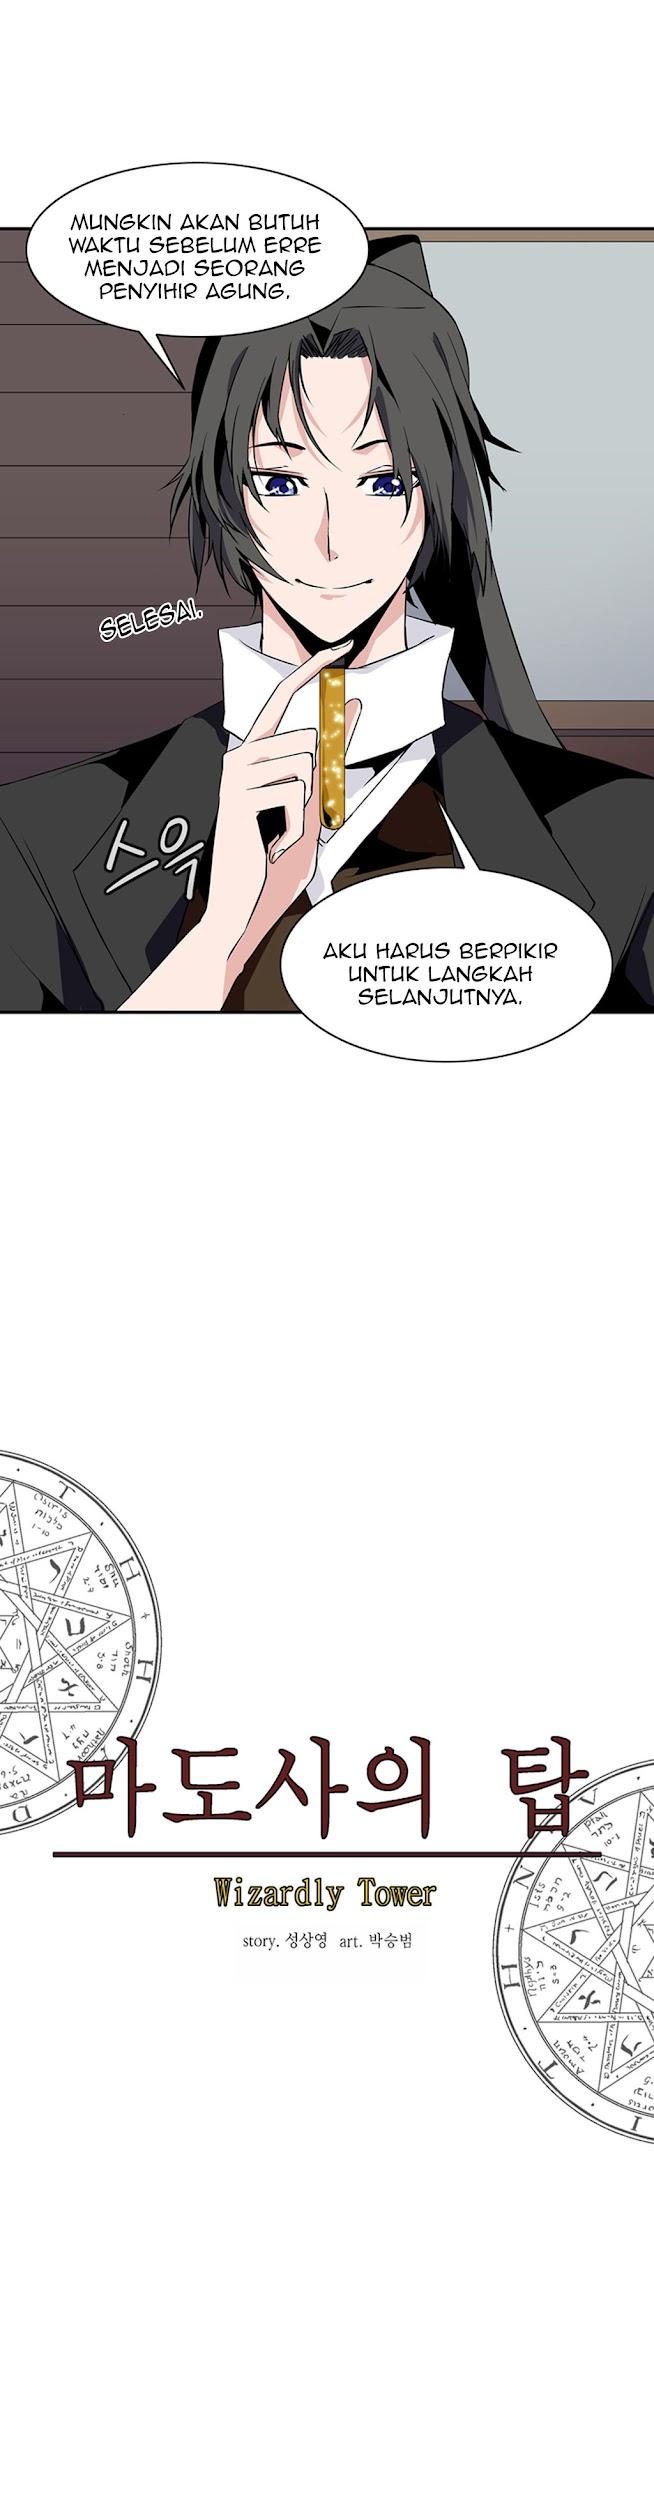 Dilarang COPAS - situs resmi www.mangacanblog.com - Komik wizardly tower 029 - chapter 29 30 Indonesia wizardly tower 029 - chapter 29 Terbaru 16|Baca Manga Komik Indonesia|Mangacan